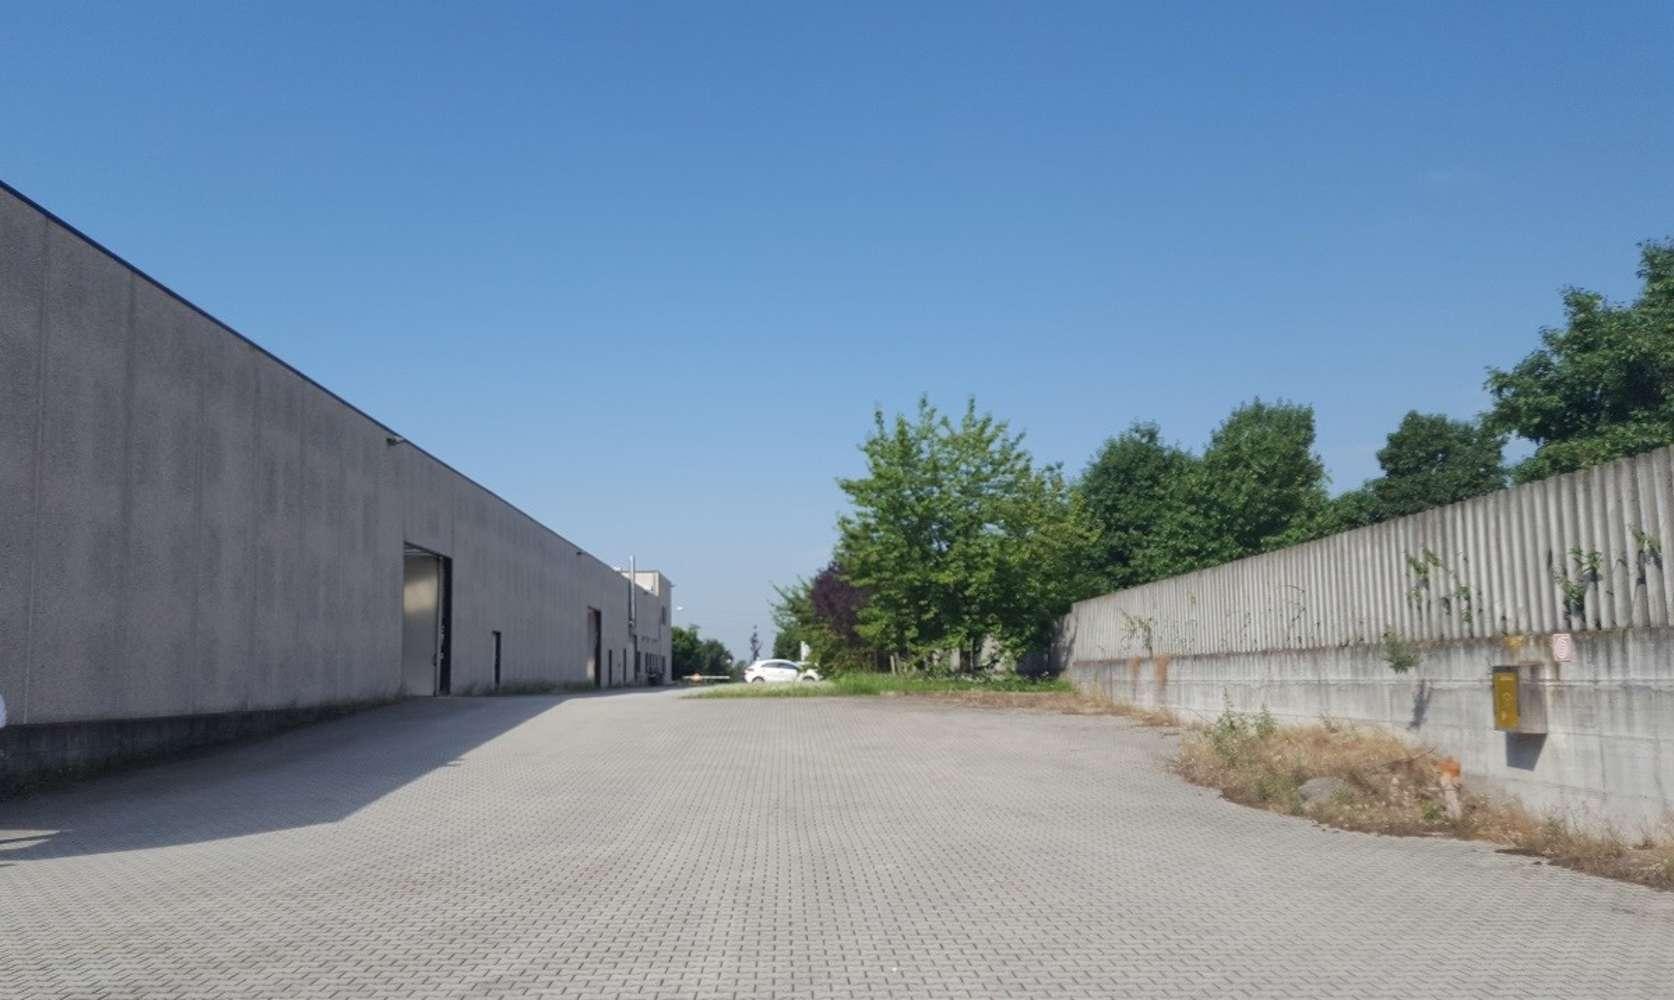 Impianti Fotovoltaici Busto Arsizio busto arsizio | magazzini industriali e logistici in in